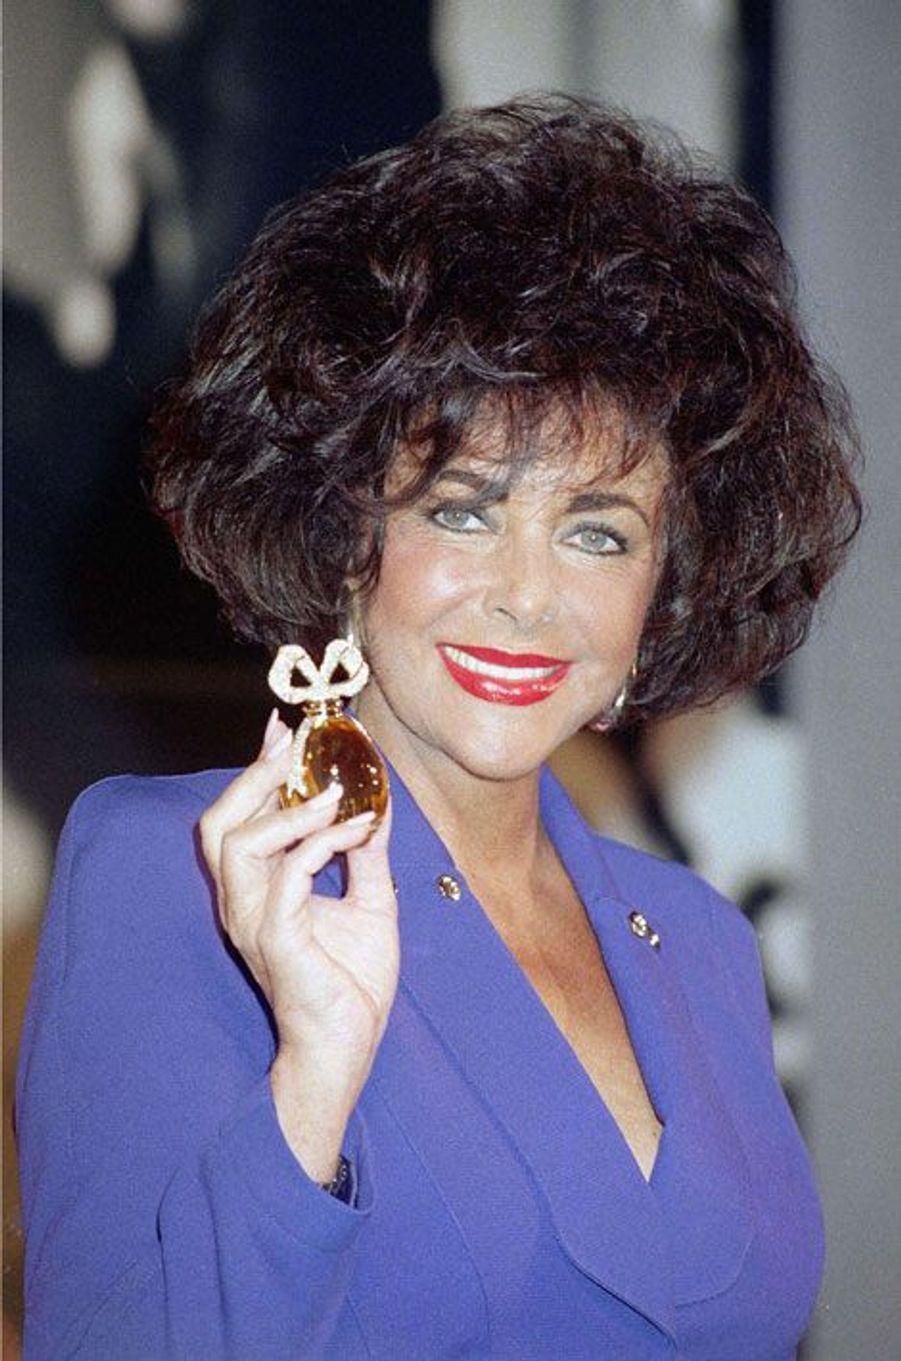 En 1997, Elisabeth Taylor posait avec son nouveau parfum Fragrant Jewel Collection à New-York. Son eau de toilette White Diamonds reste à ce jour le parfum de star qui s'est le plus vendu à travers le monde.